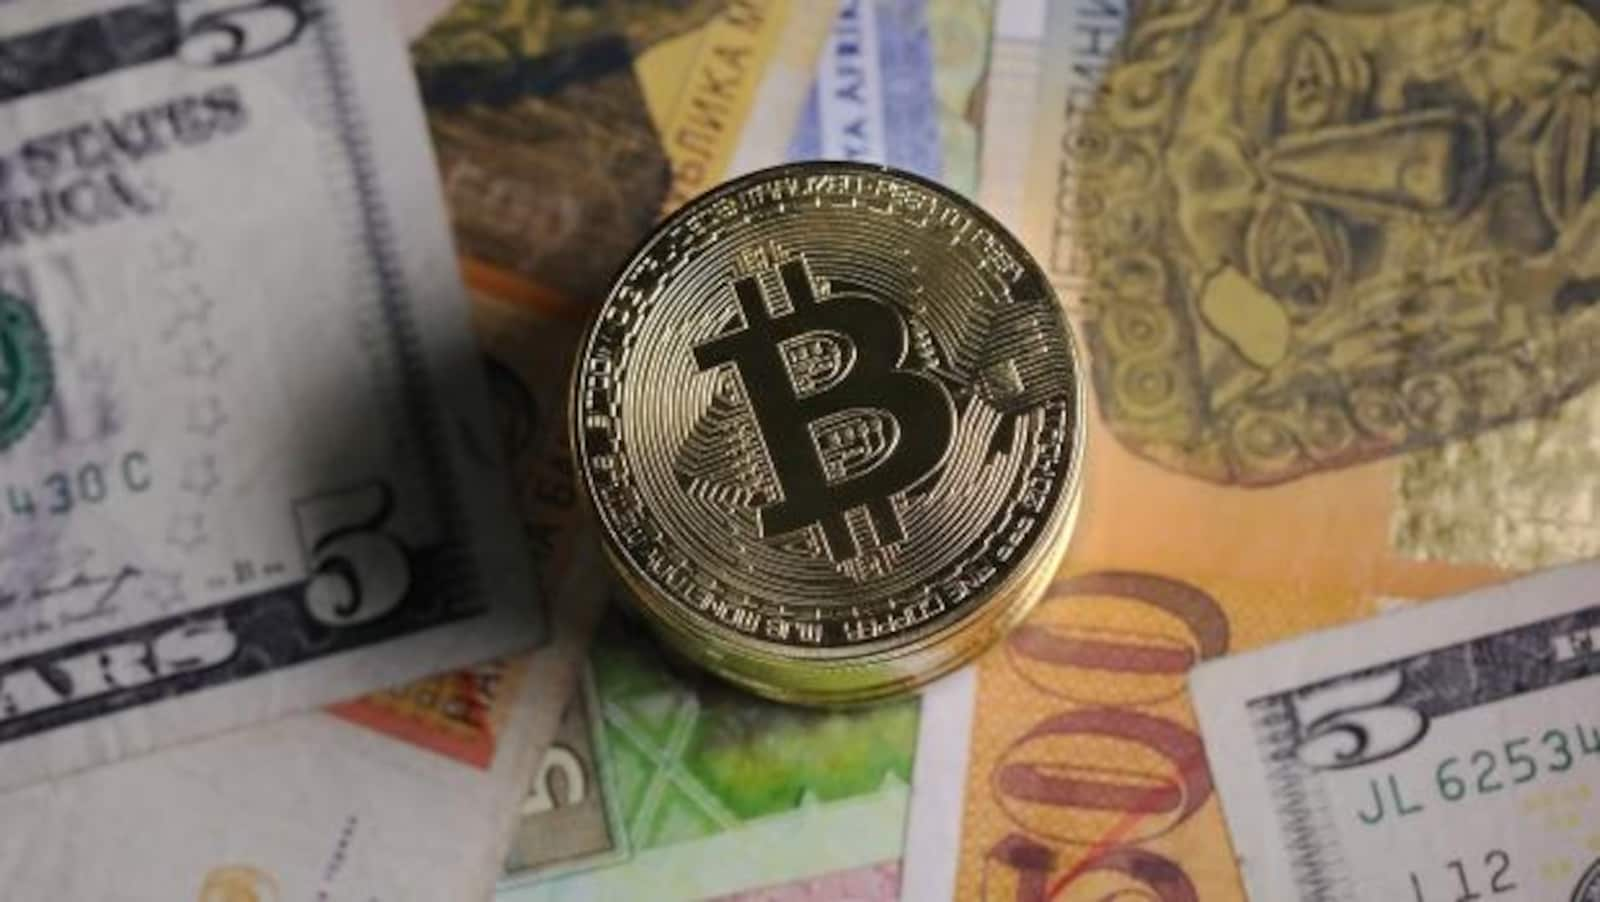 De la monnaie étrangère est placée sur une table.